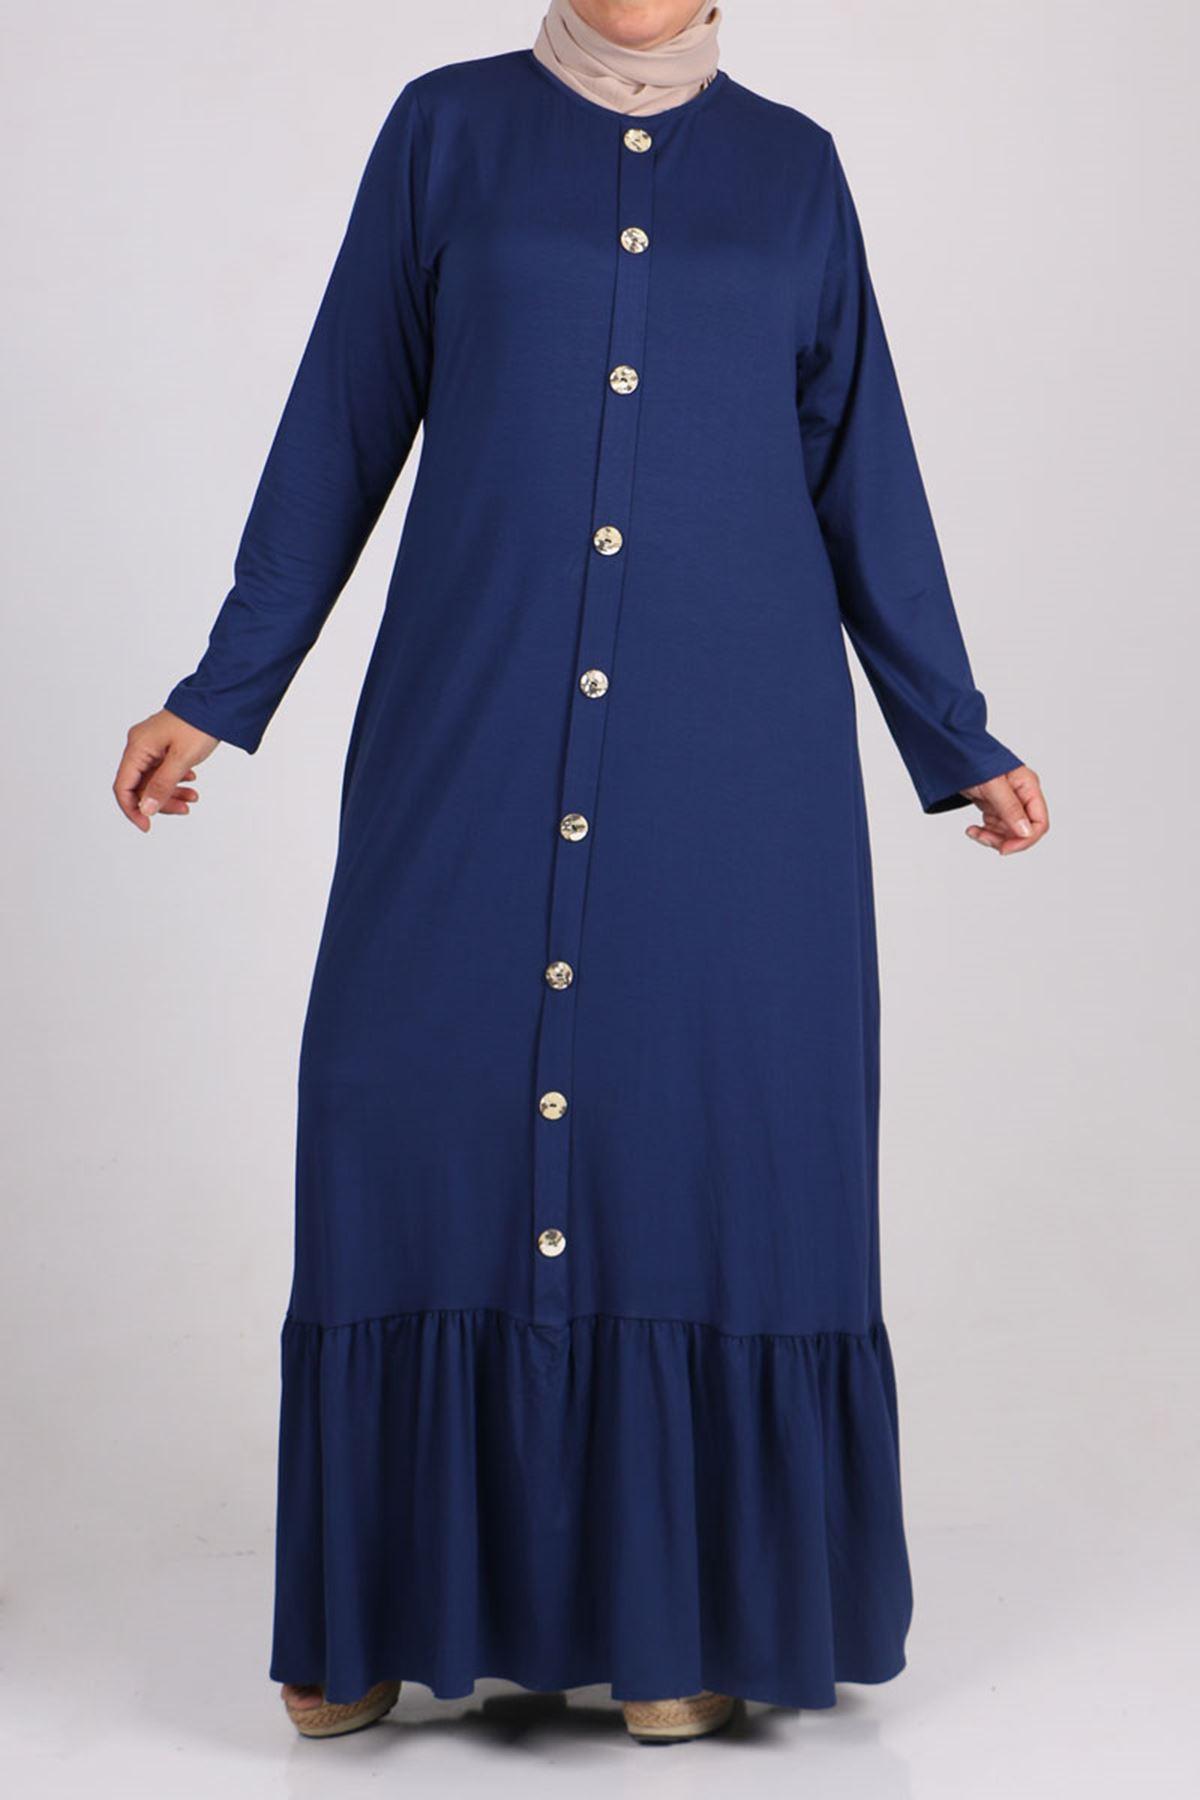 2090 Büyük Beden Önü Düğmeli Penye Elbise - İndigo